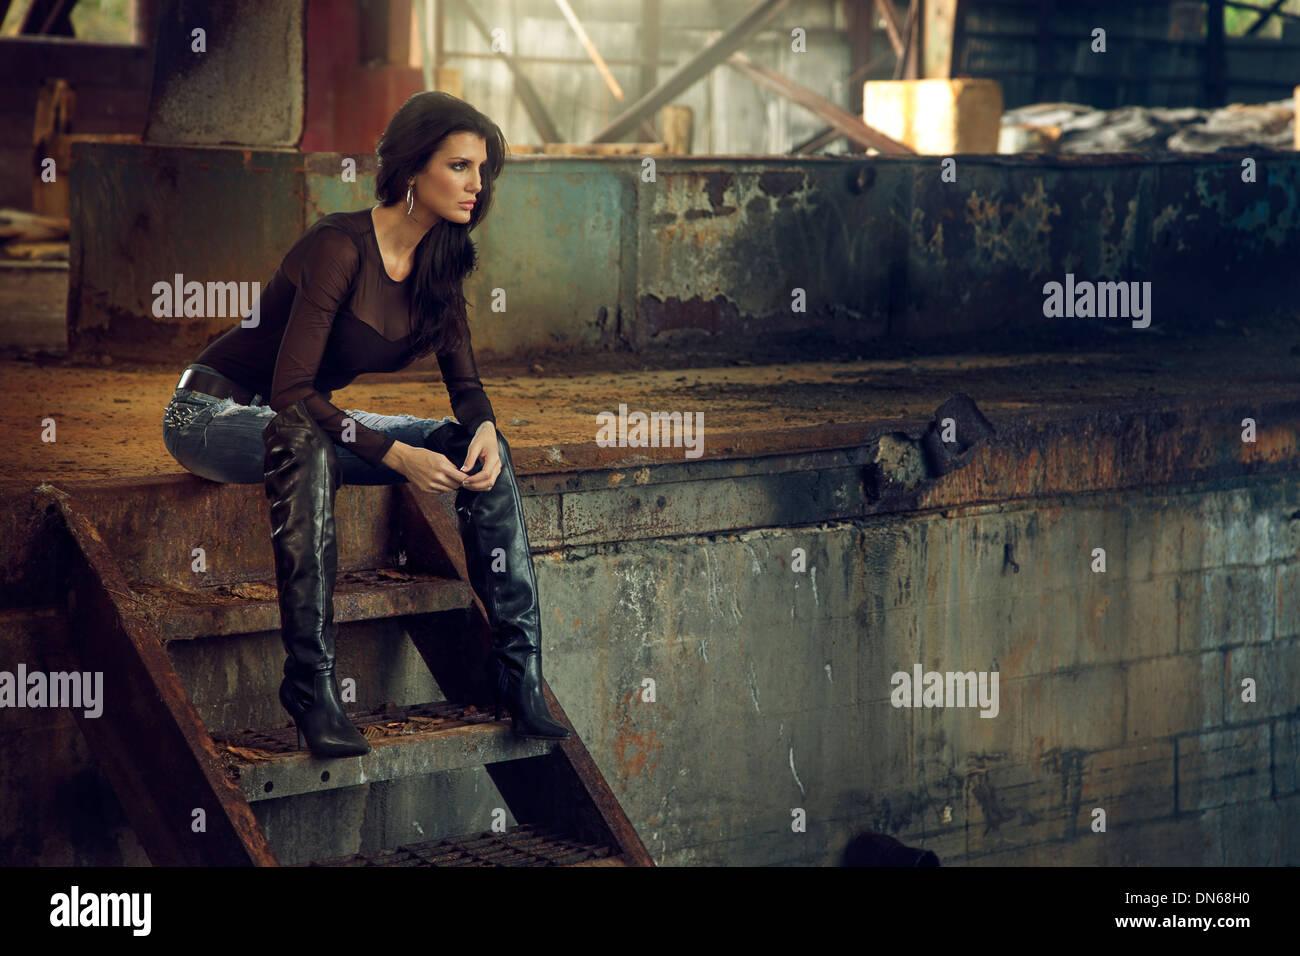 Femme assise sur un escalier intérieur rouillé entrepôt désaffecté Photo Stock